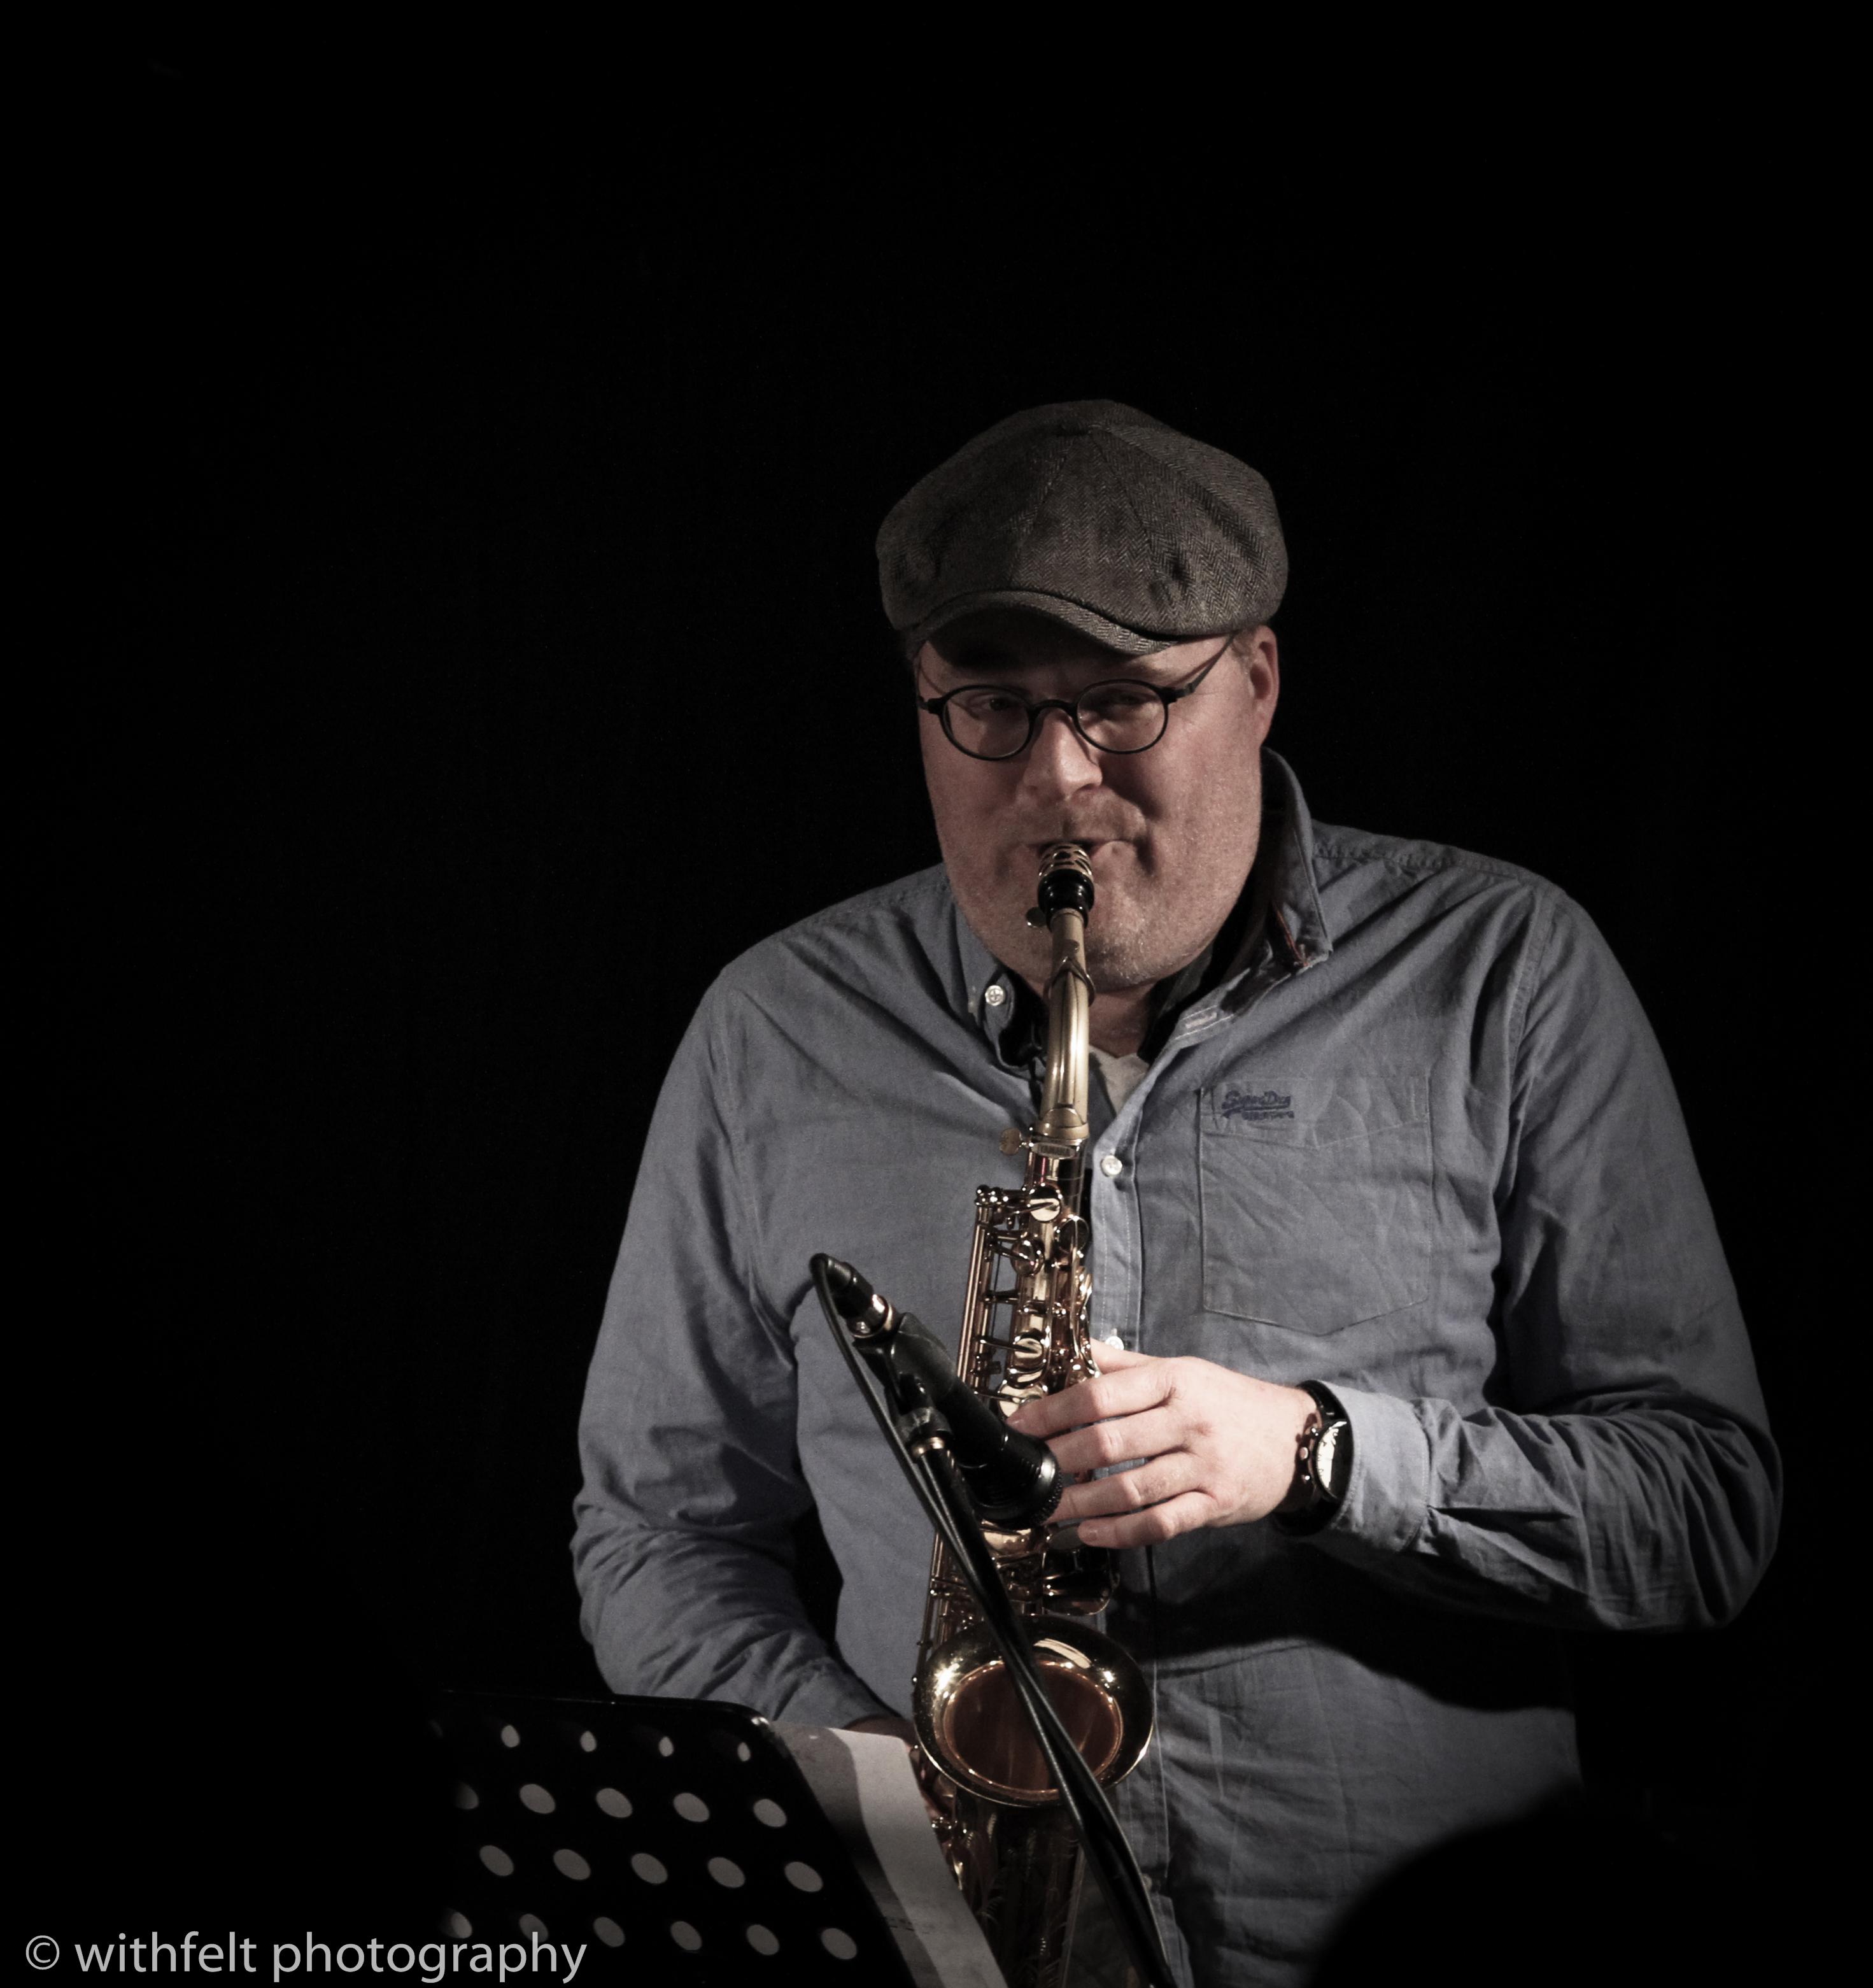 Benjamin Koppel, (sax) at Winter Jazz 2016, Copenhagen, Denmark